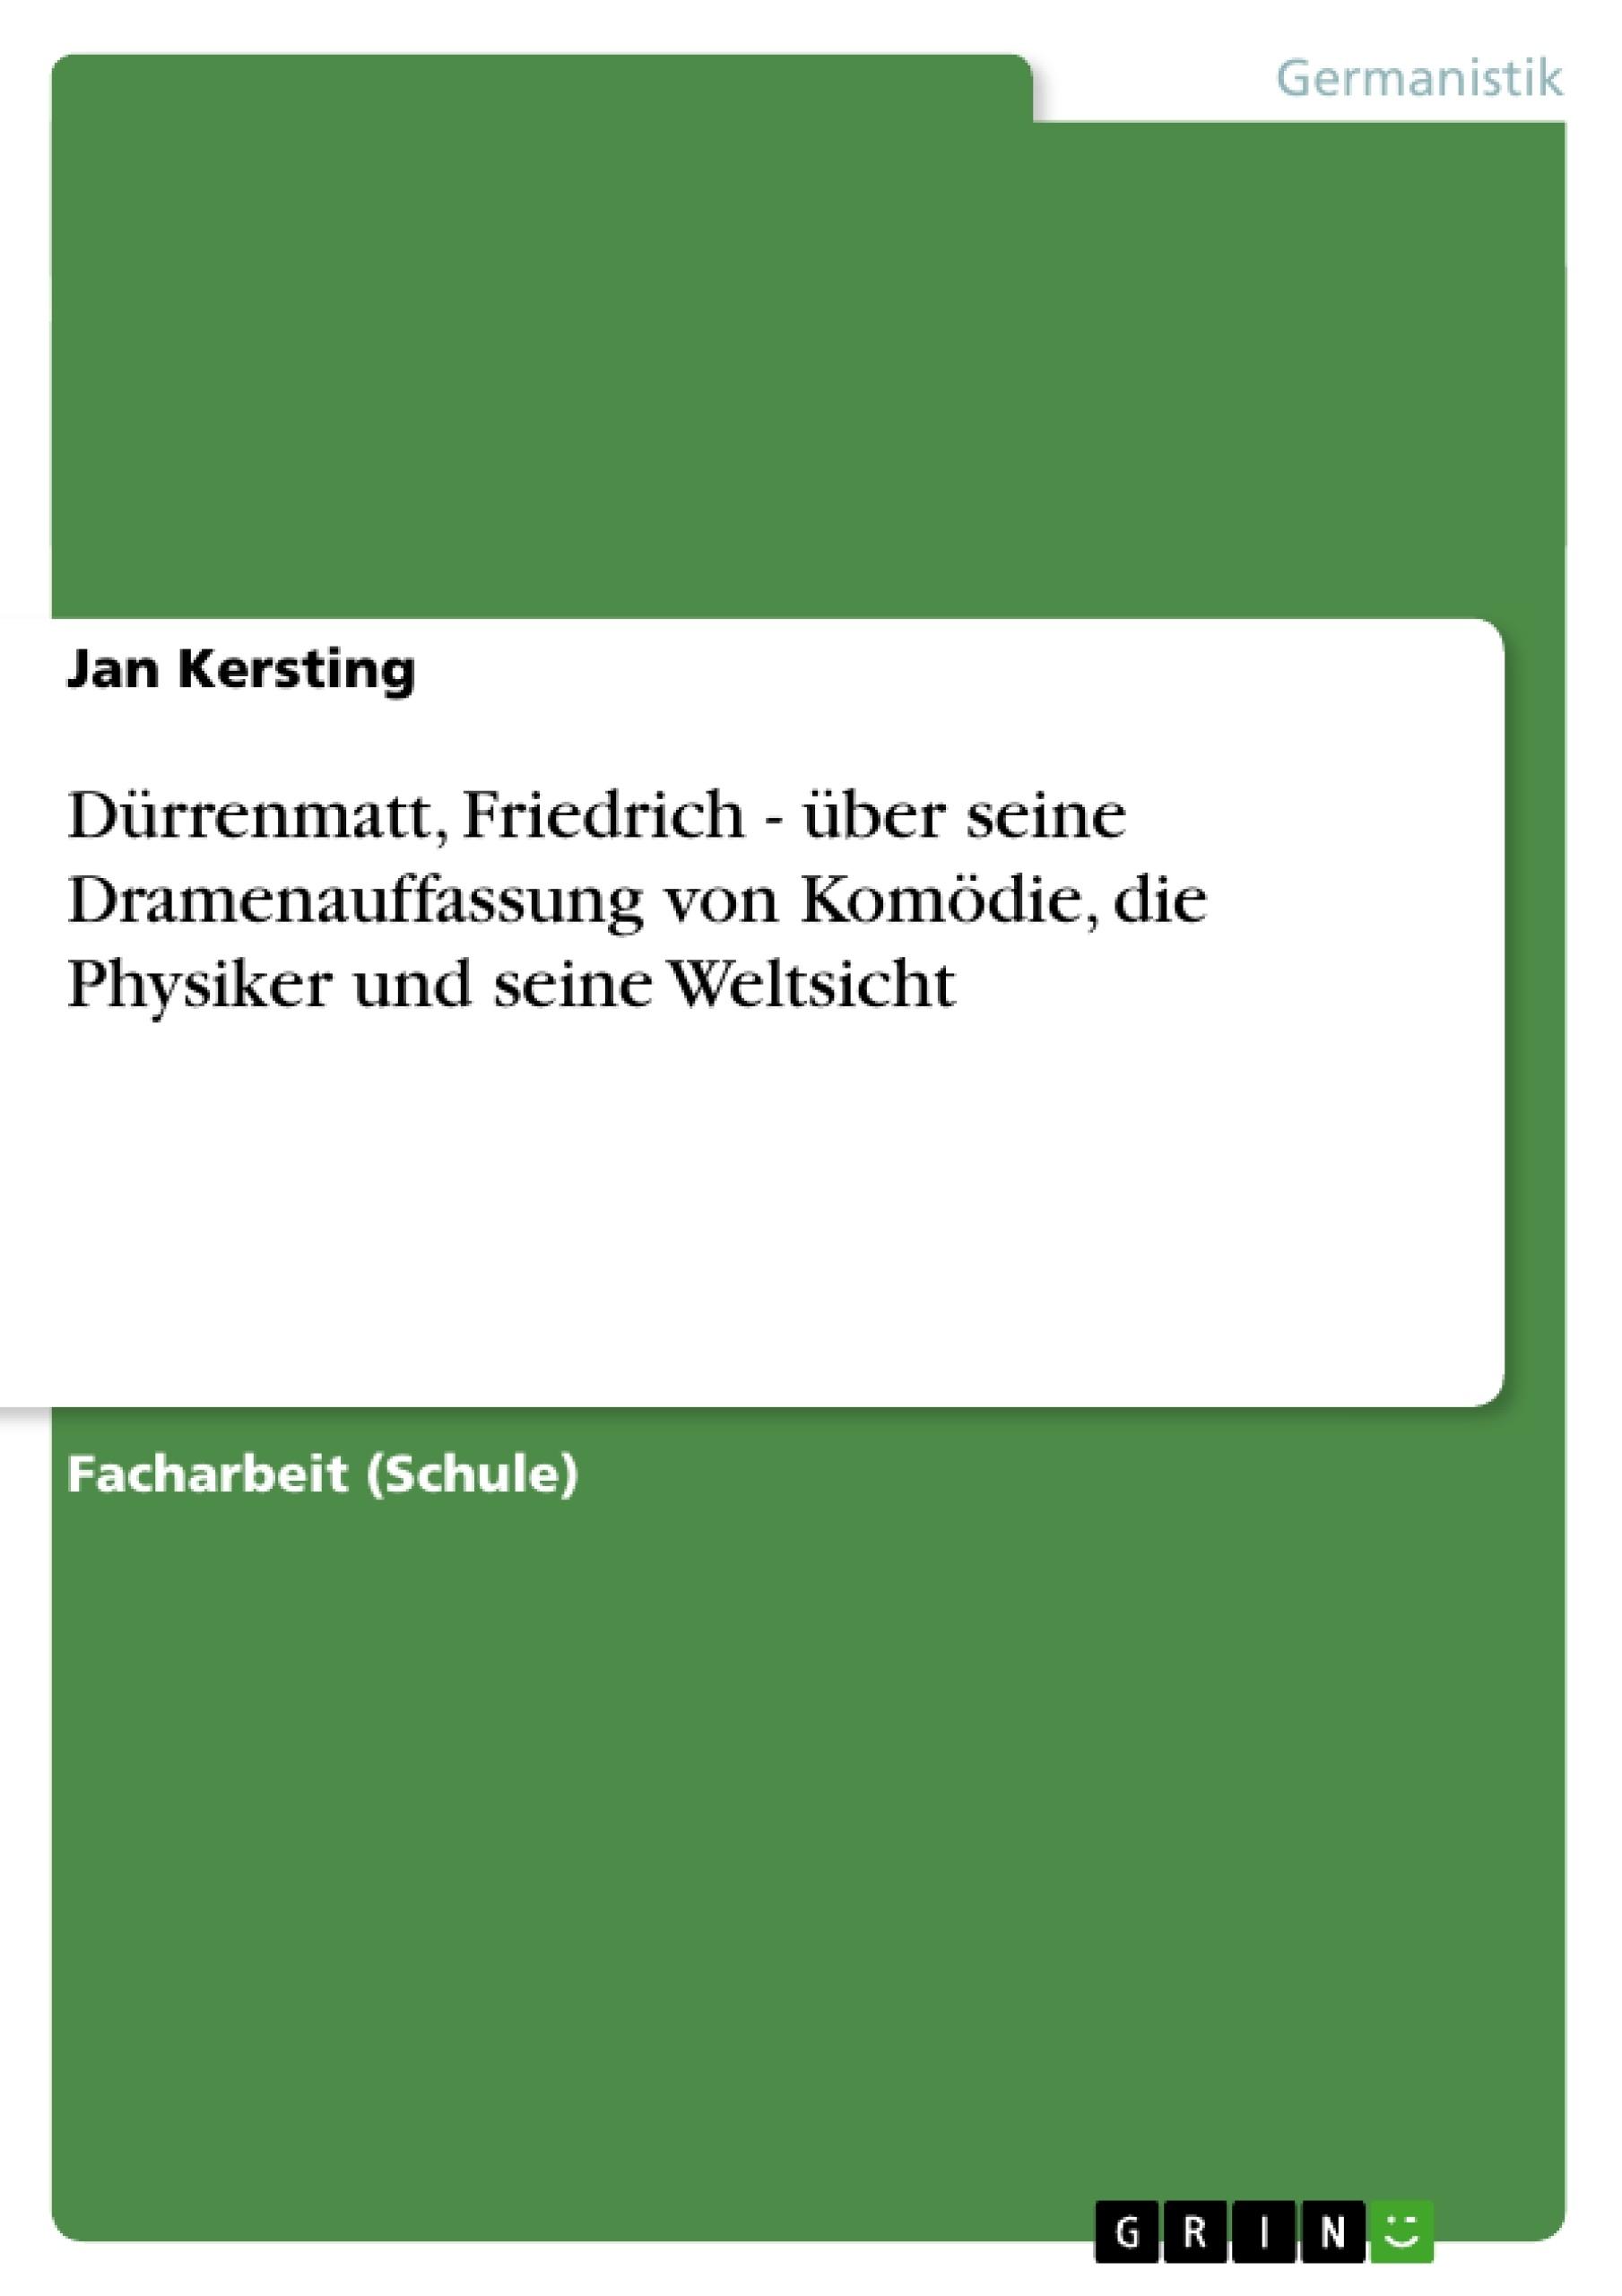 Titel: Dürrenmatt, Friedrich - über seine Dramenauffassung von Komödie, die Physiker und seine Weltsicht